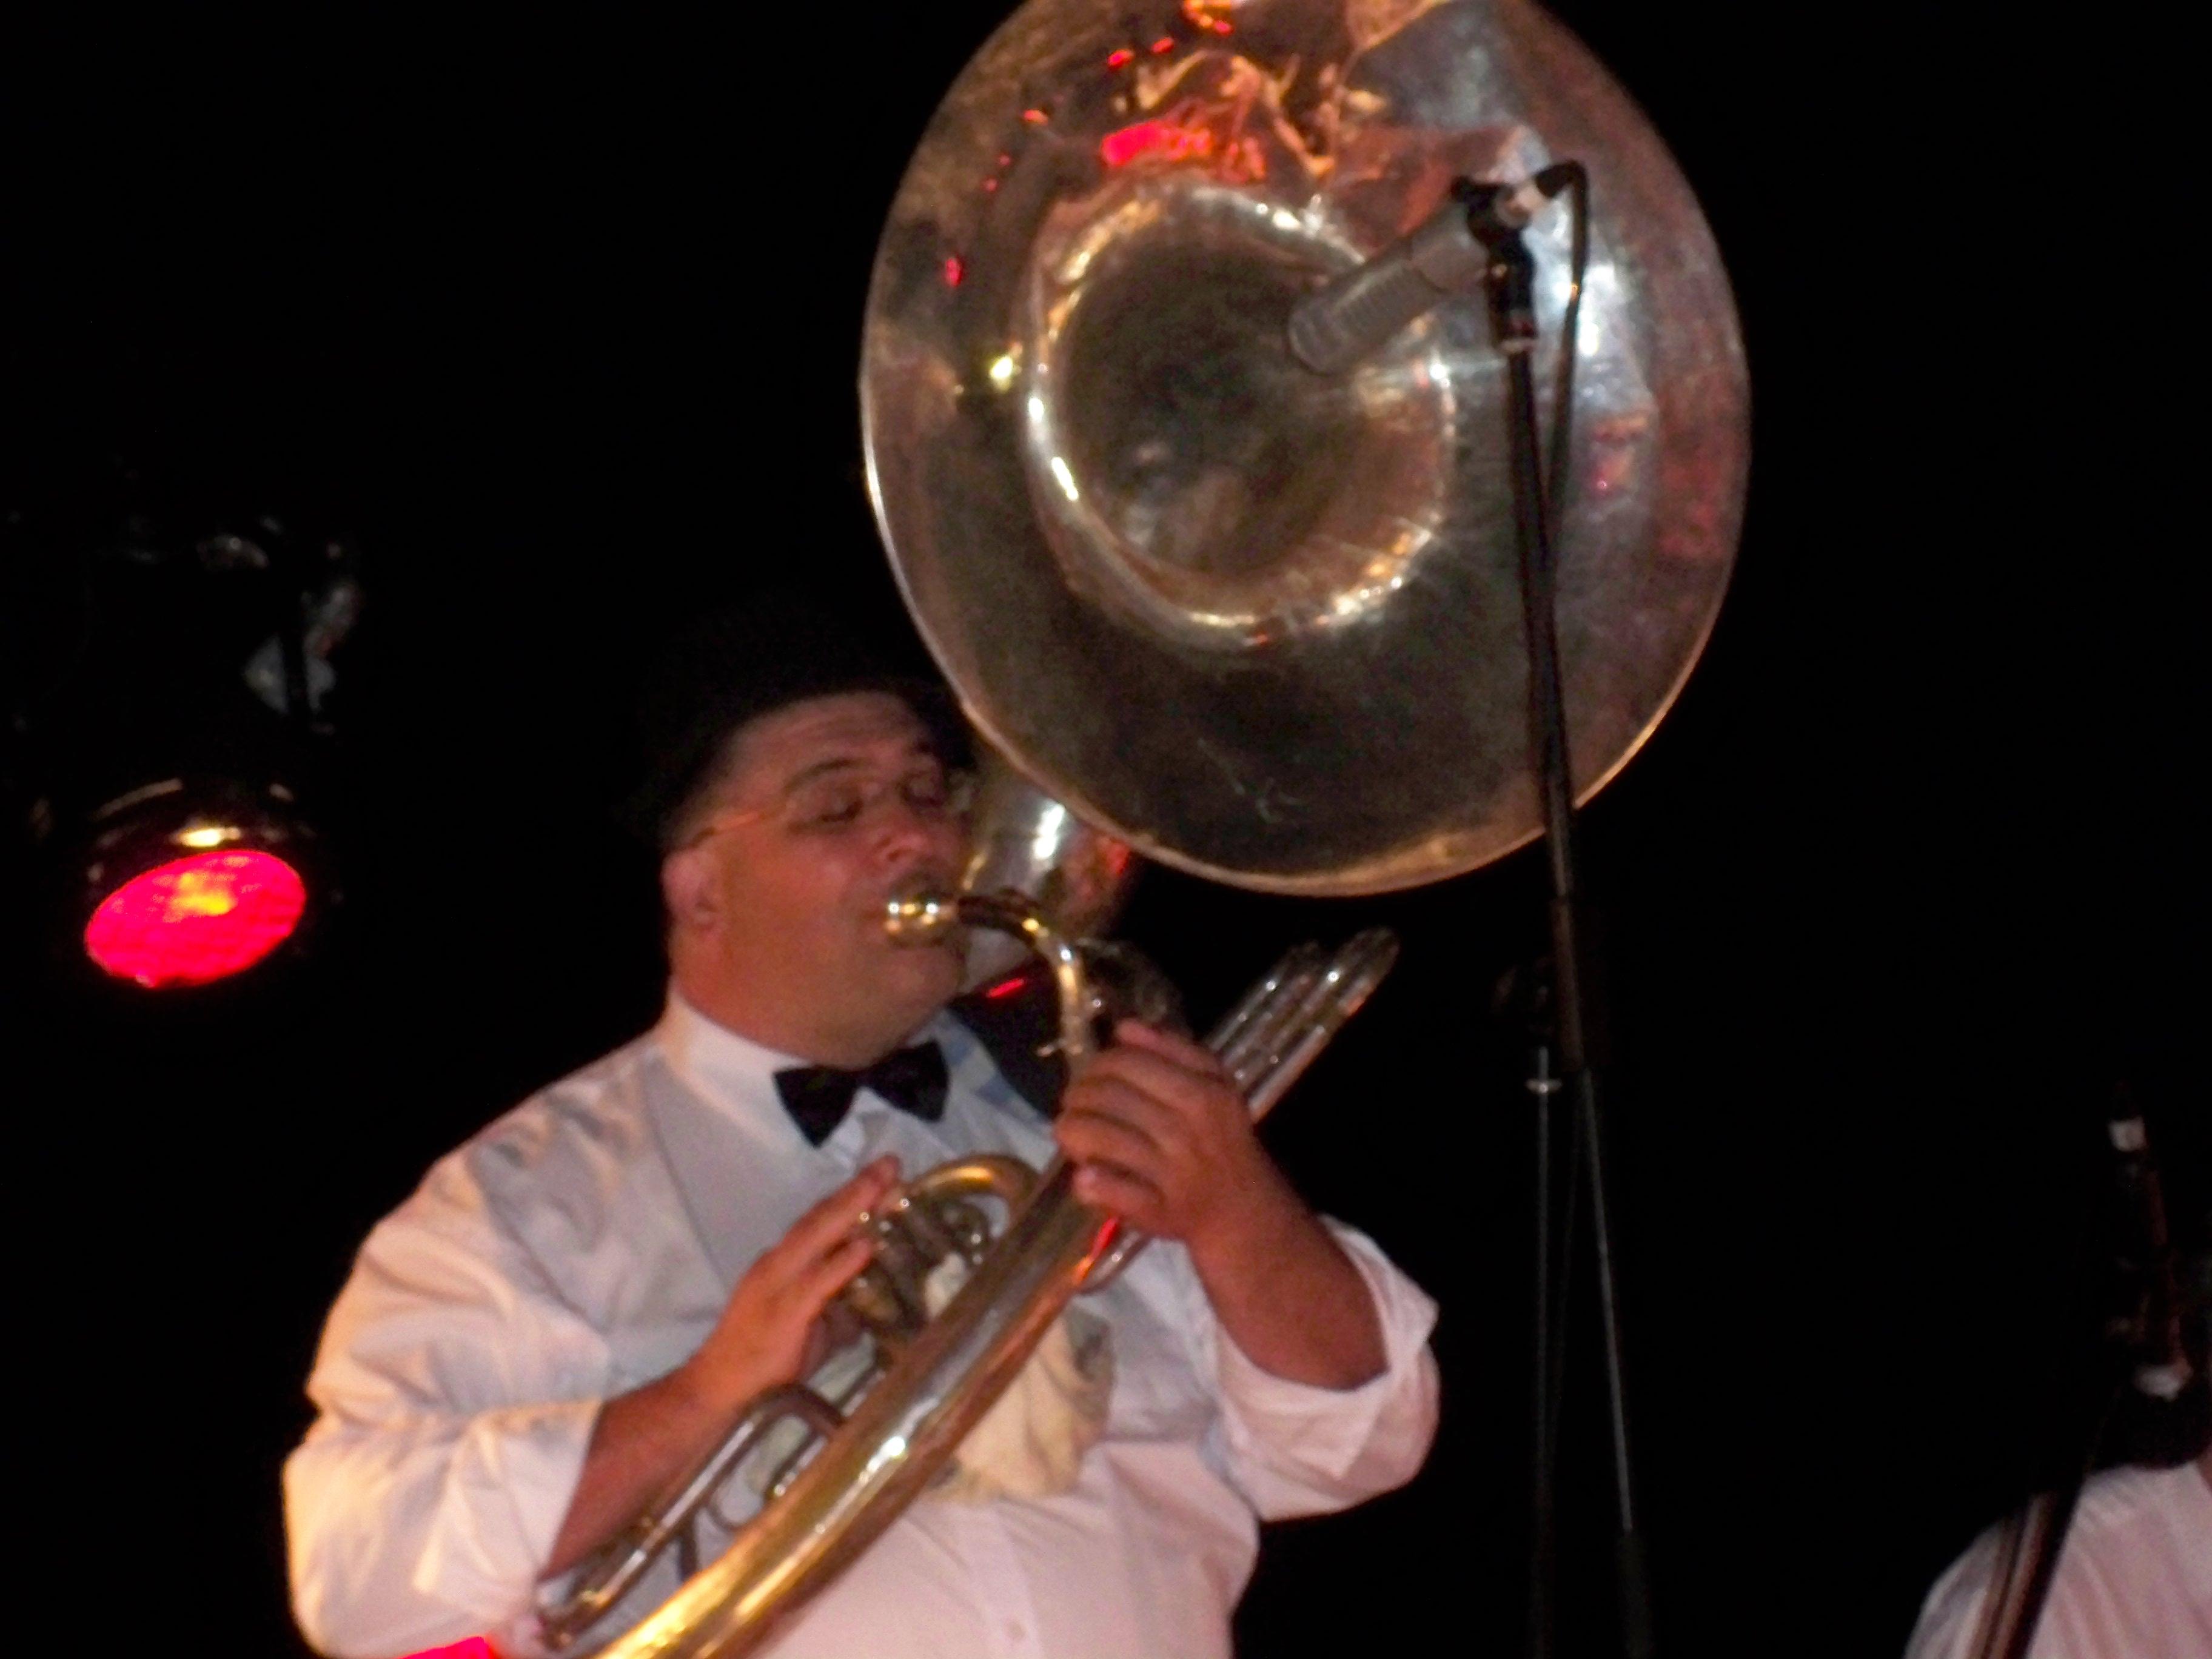 The Lounge Bar Lotharios sousaphone player, Rod Herbert